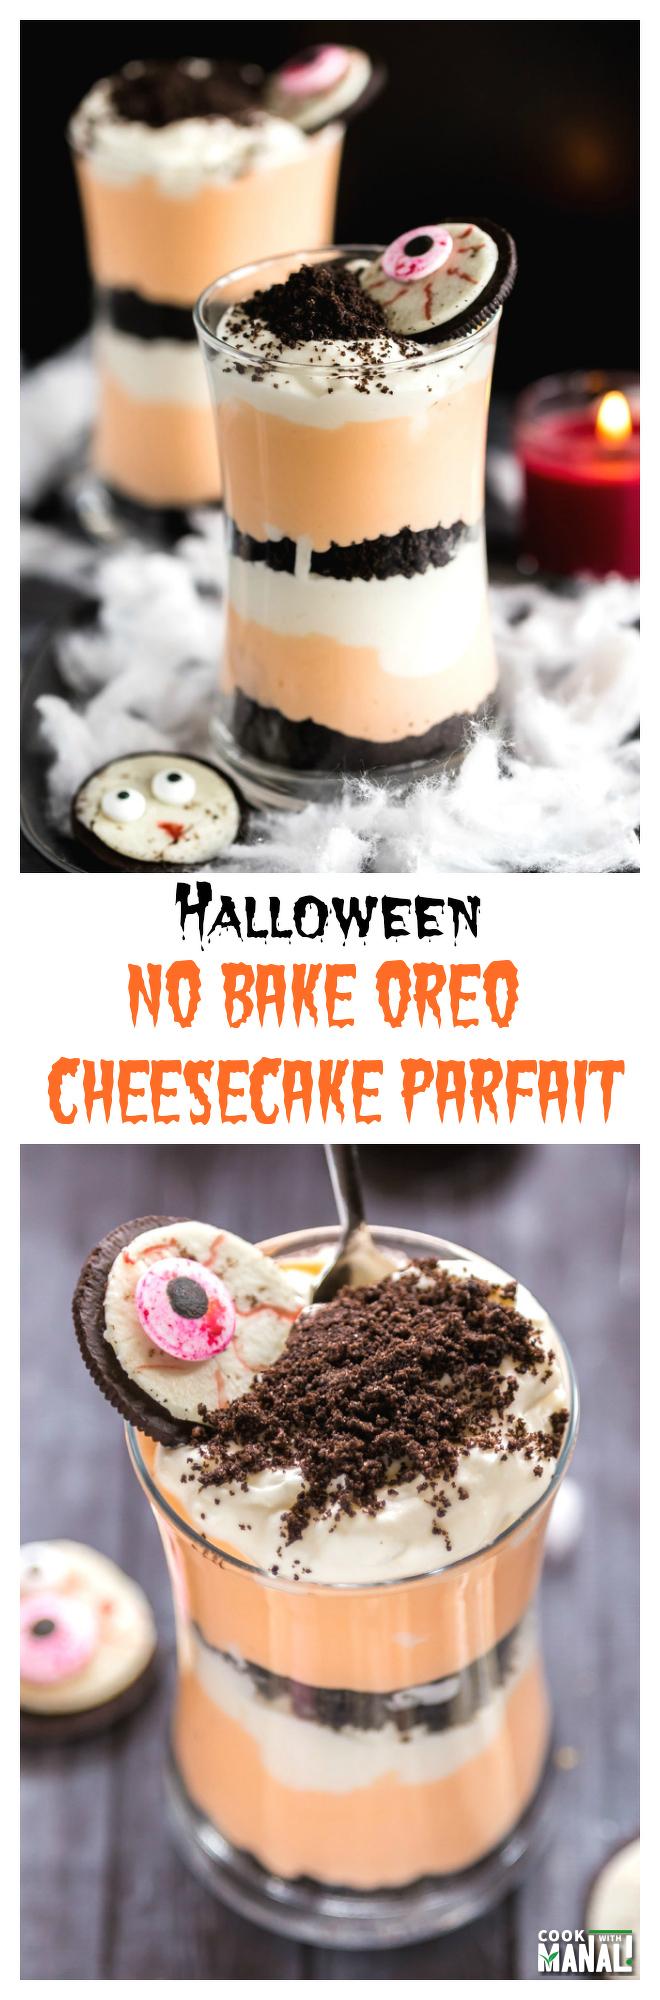 No Bake Oreo Cheesecake Parfait for Halloween Collage